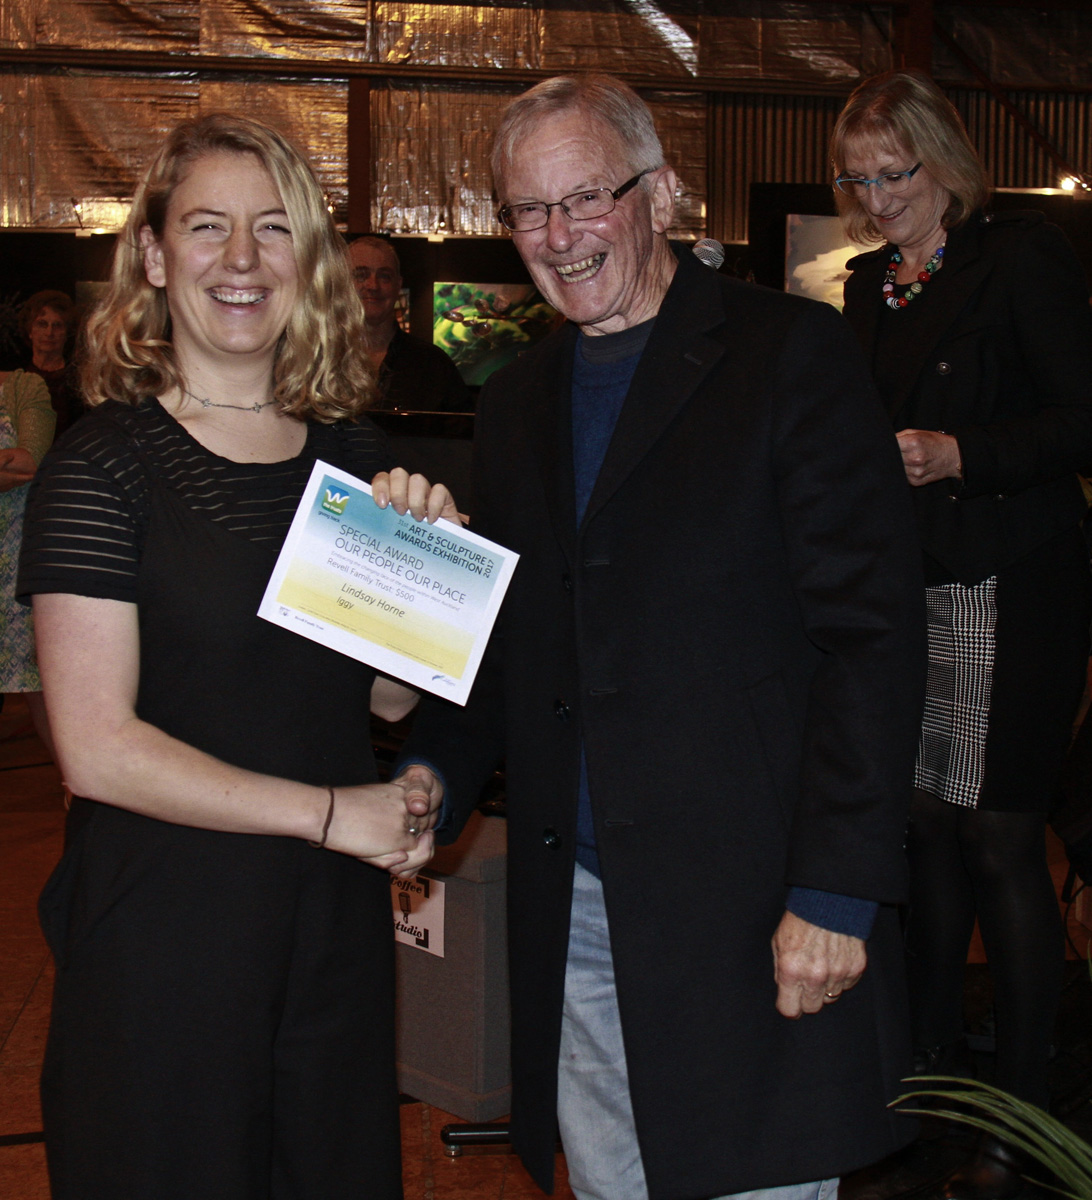 00052 Lindsay Horne & Philip Revell